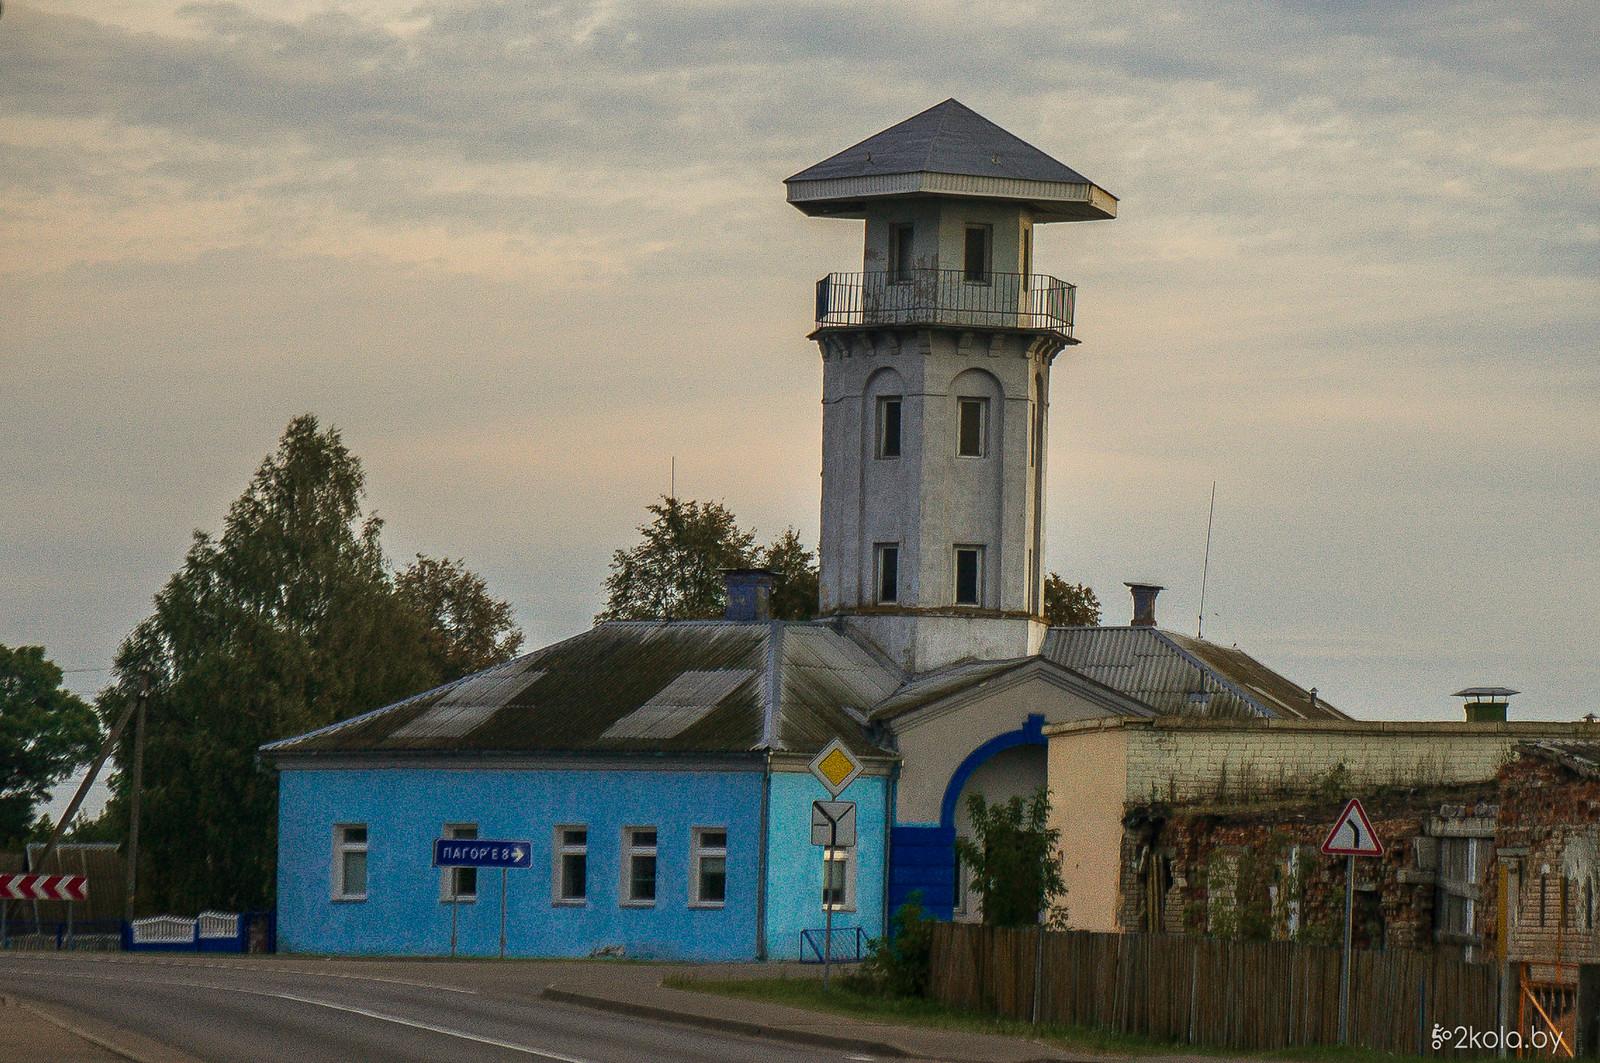 36537792133 61c00d35e1 h - Велопокатушка:  Бытень - Береза (с посещением 638-го полка РВСН)